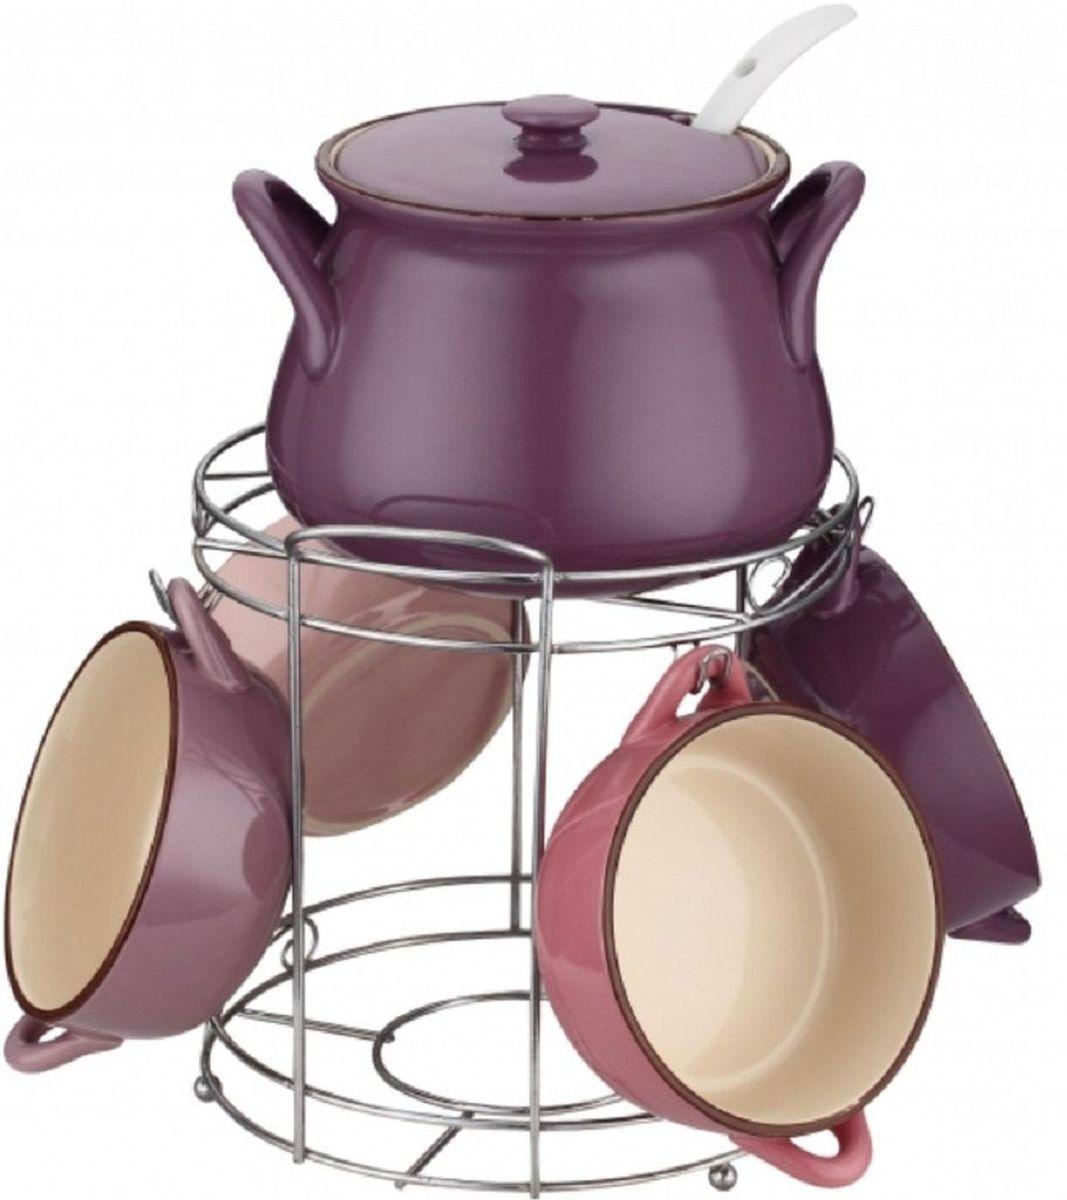 Набор супниц Elff Decor, на подставке, 8 предметов1400-872Набор супниц из 8 предметов Изготовлен из цветной керамики Состоит из:-супница с крышкой 1шт-объем 1500 мл-супницы 4 шт,обьем 400мл-суповая ложка-подставка из нержавеющей стали